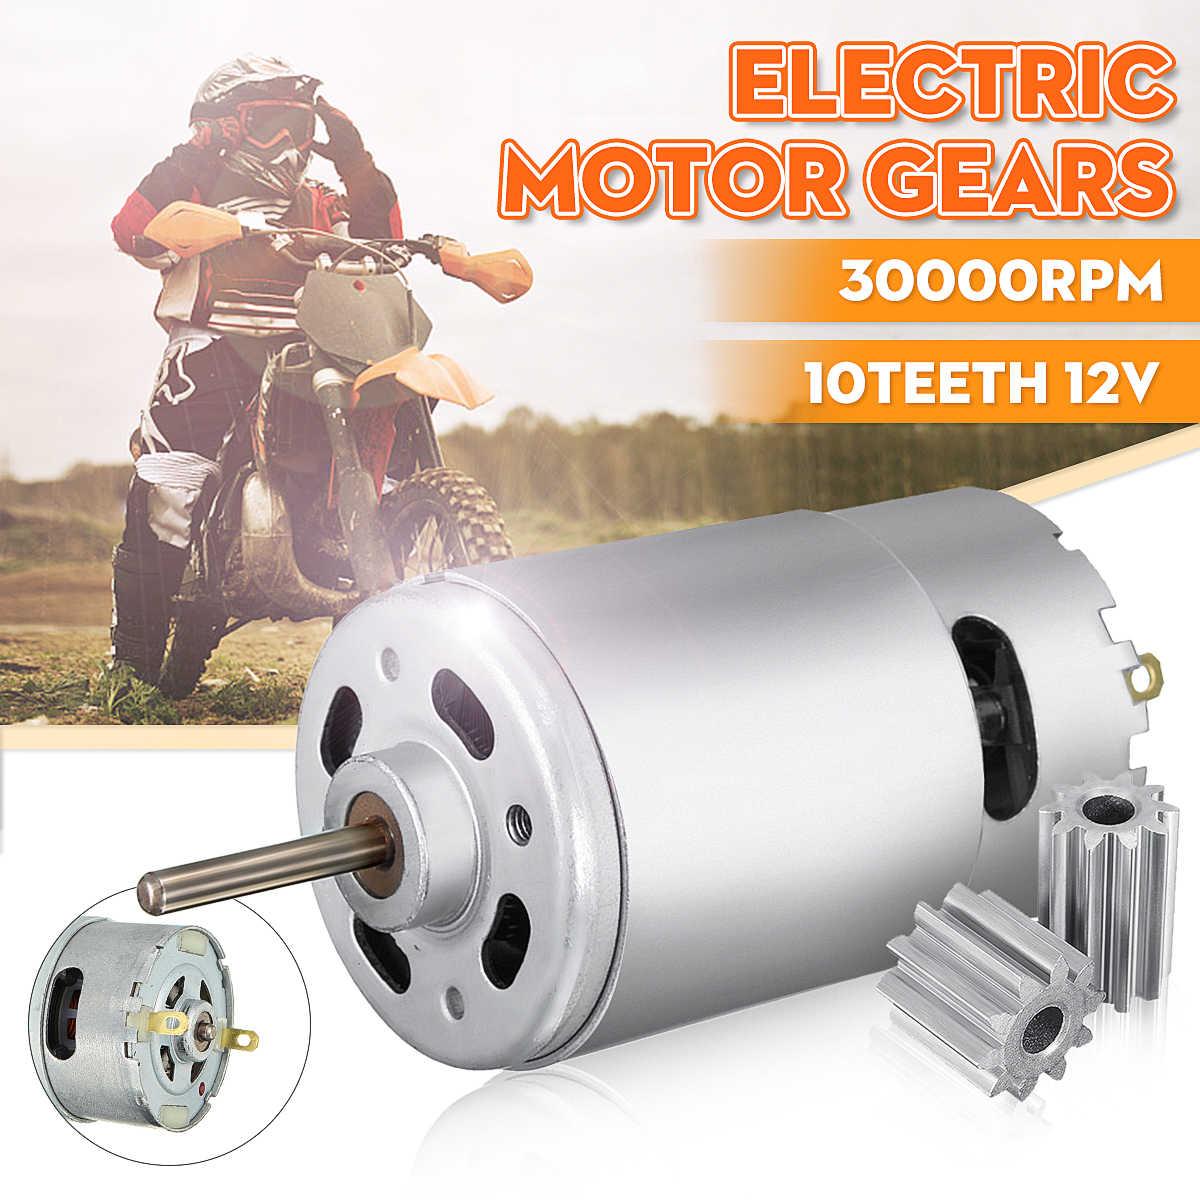 Двигатель постоянного тока 12 В 30000 об/мин для детского электромобиля, RC Ride, детский Автомобильный Электрический двигатель RS550 коробка передач 10 зубьев двигателя Горячая продажа